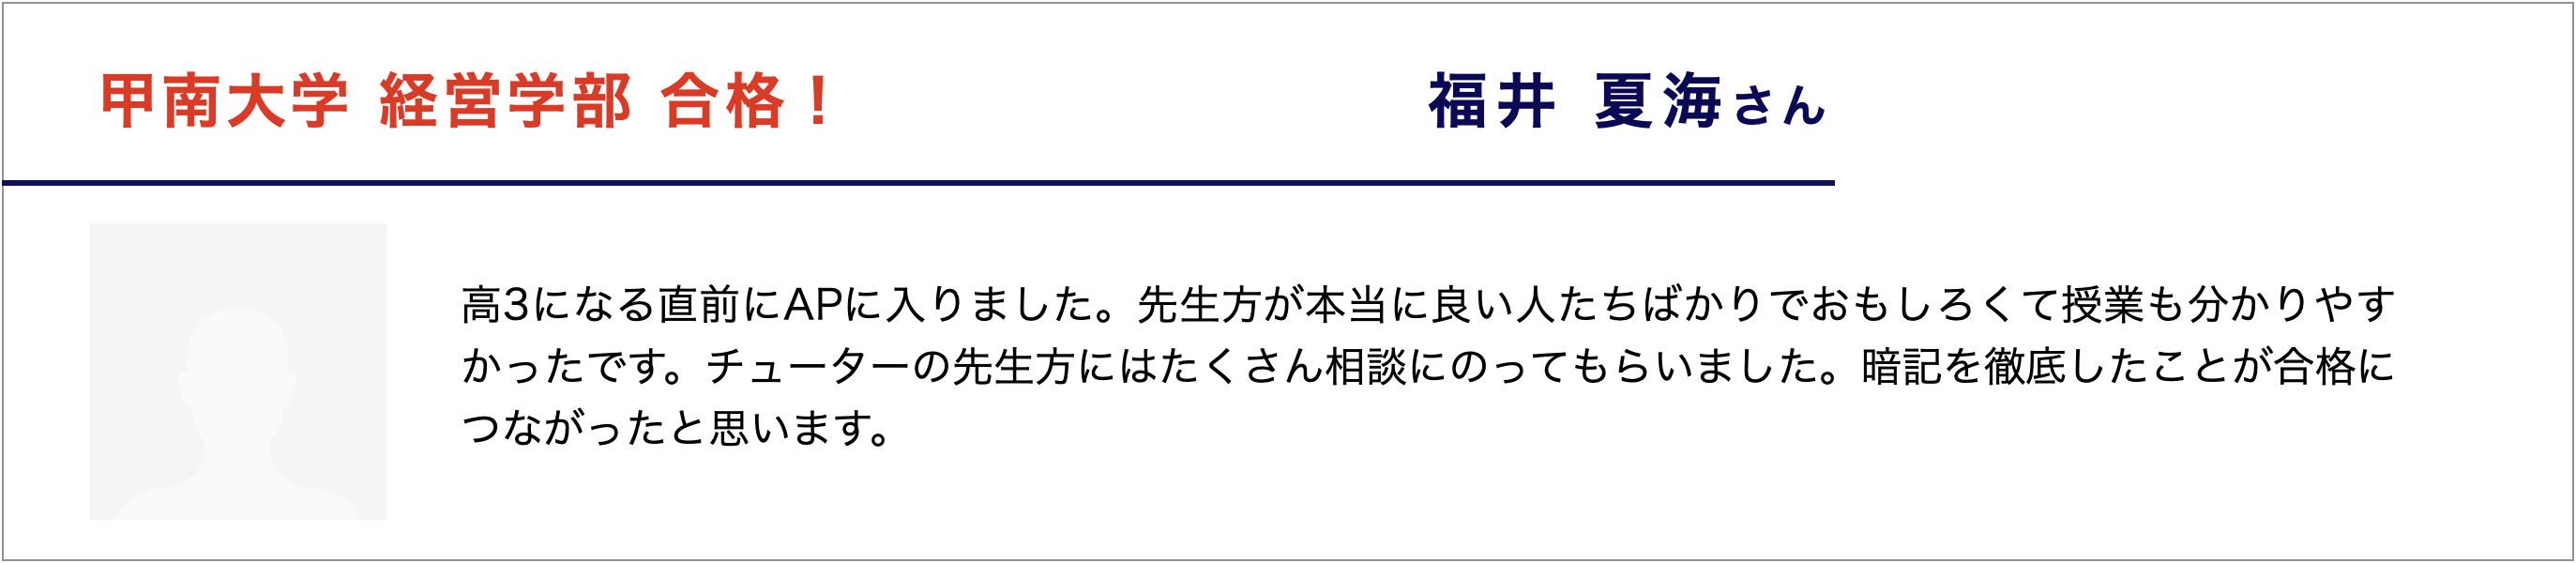 福井 夏海さん